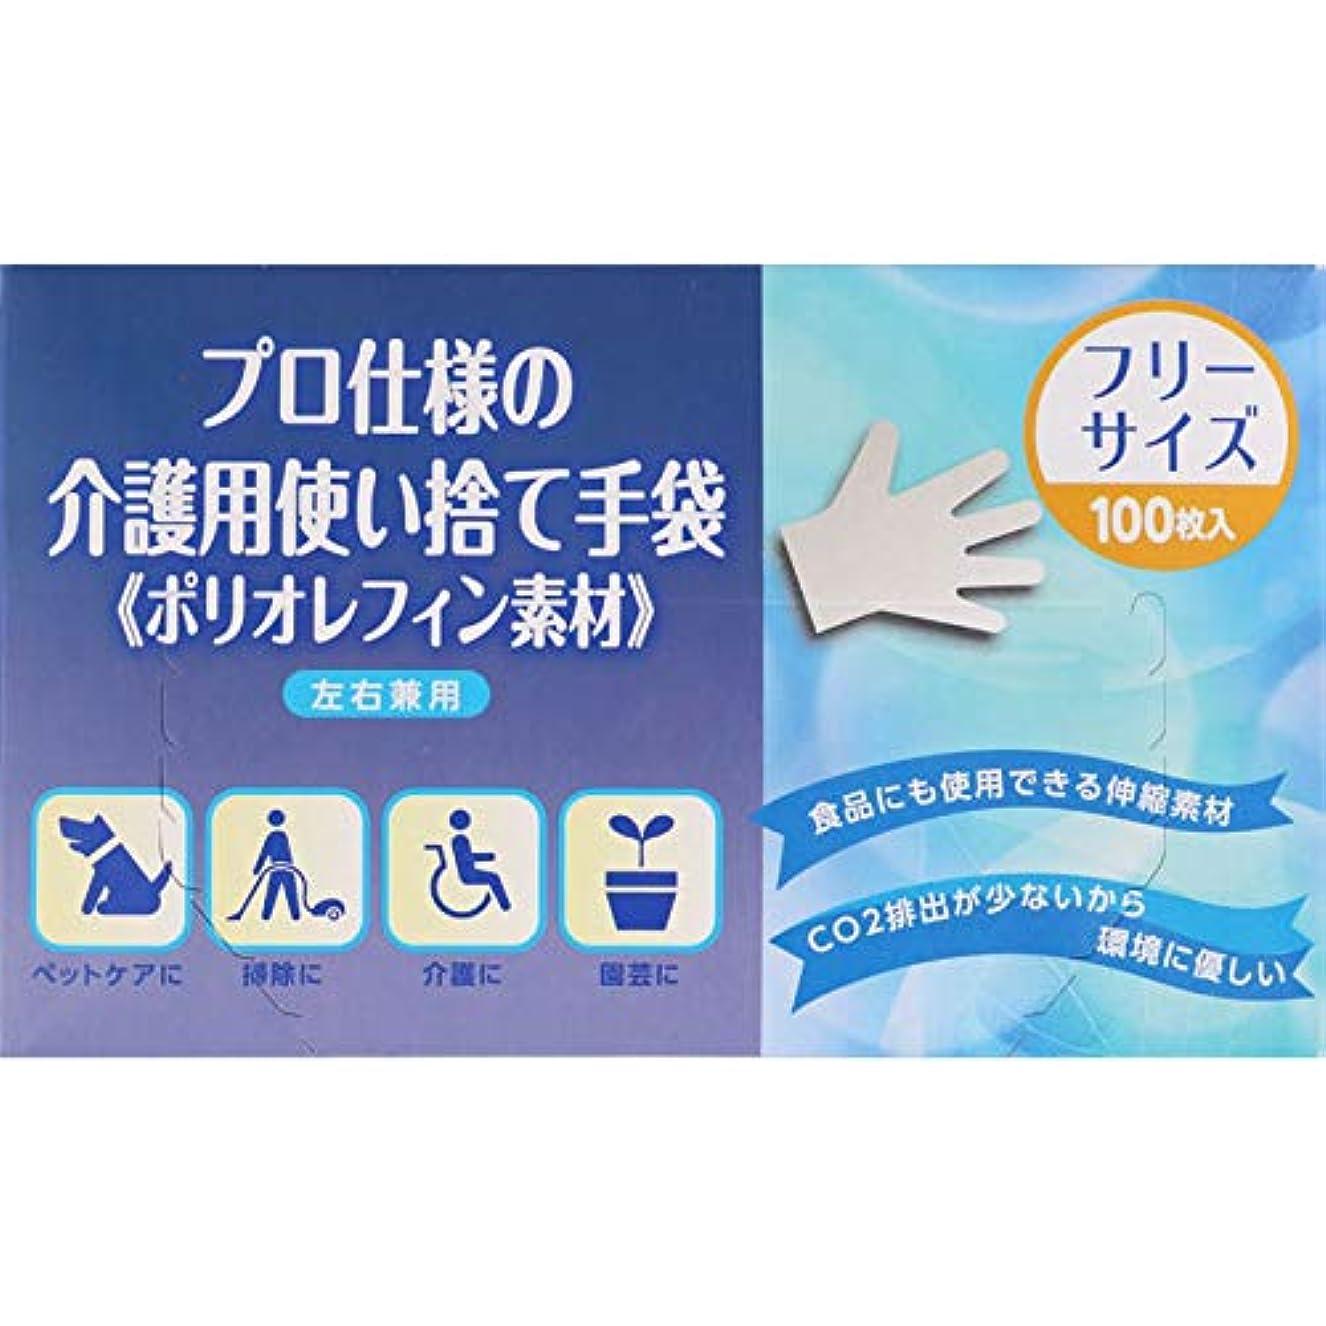 蘇生するナンセンススポーツをする【5個セット】プロ仕様の介護用使い捨て手袋《ポリオレフィン素材》 100枚